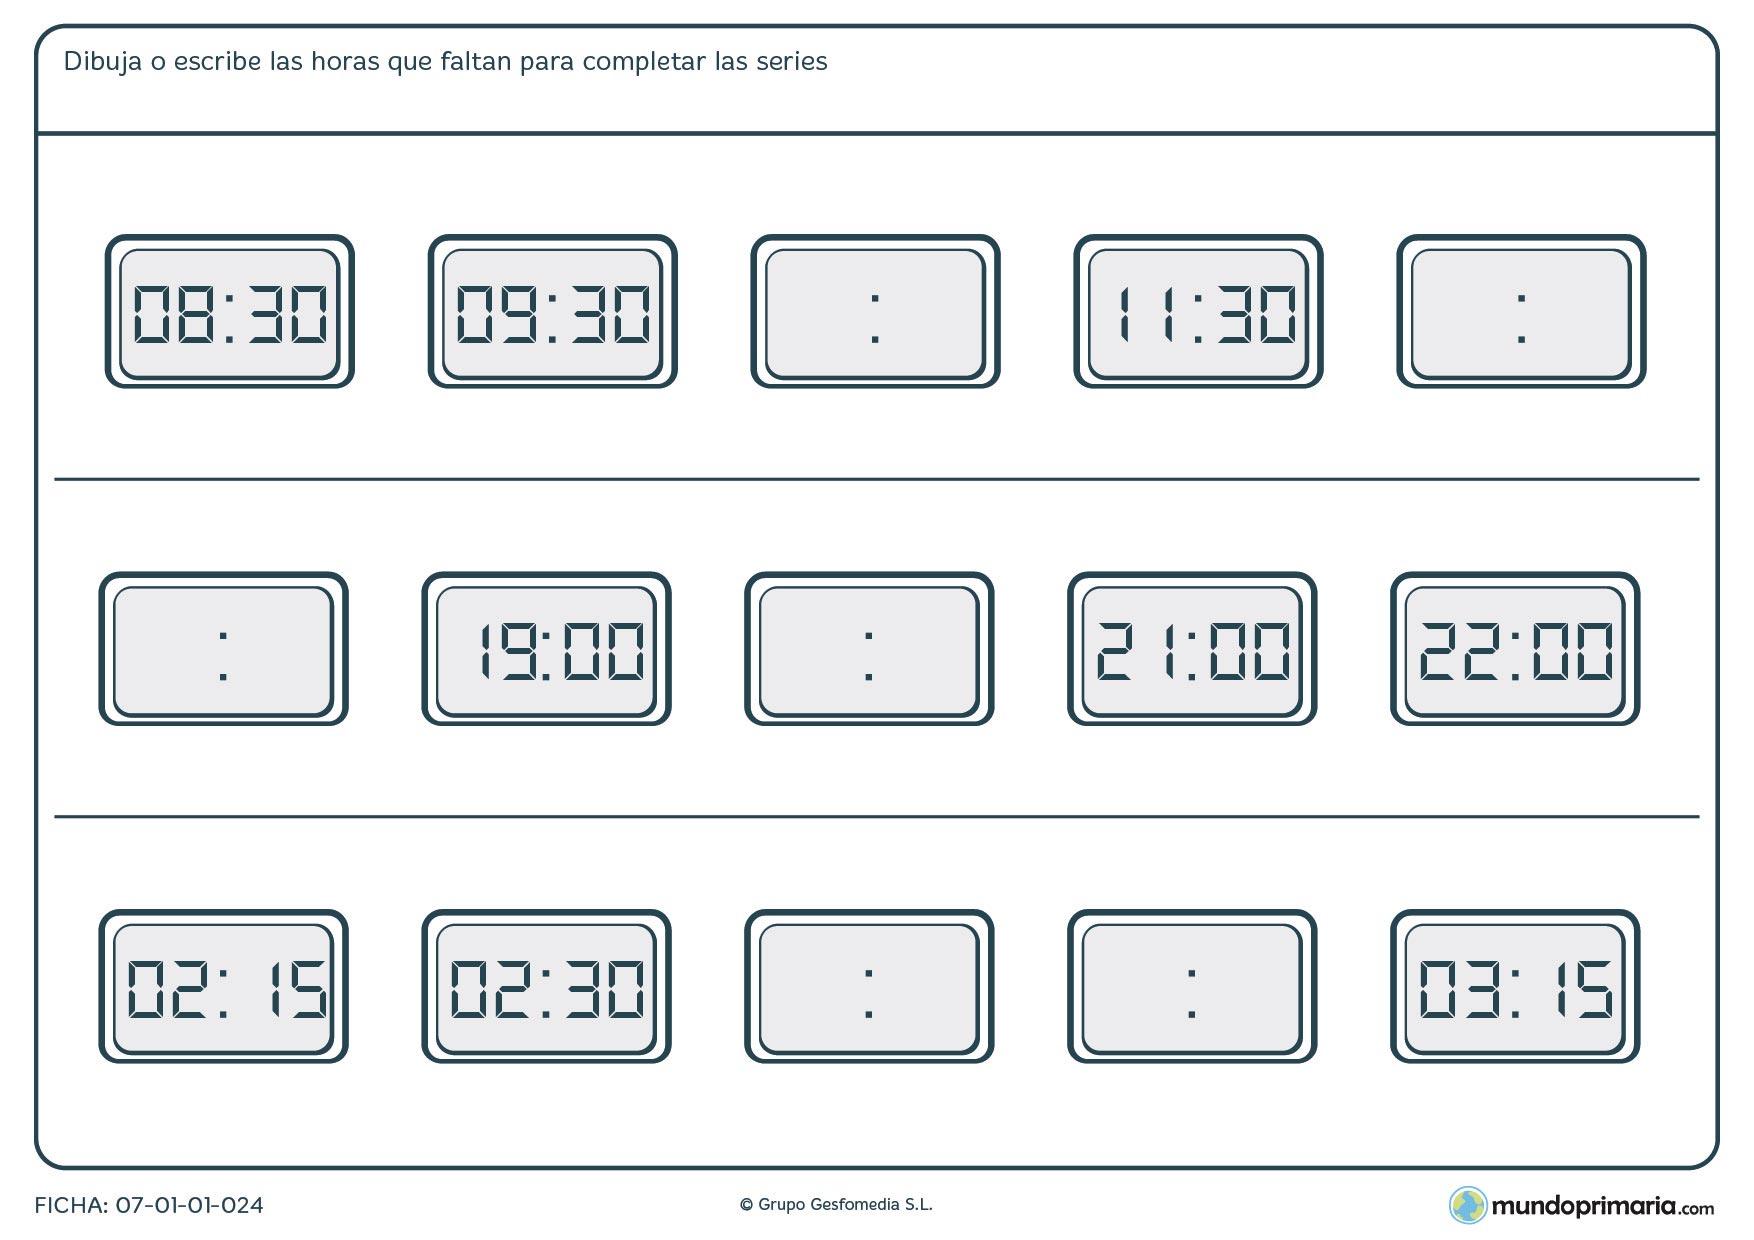 Ficha de series de horas en digitales completa la hora siguiente